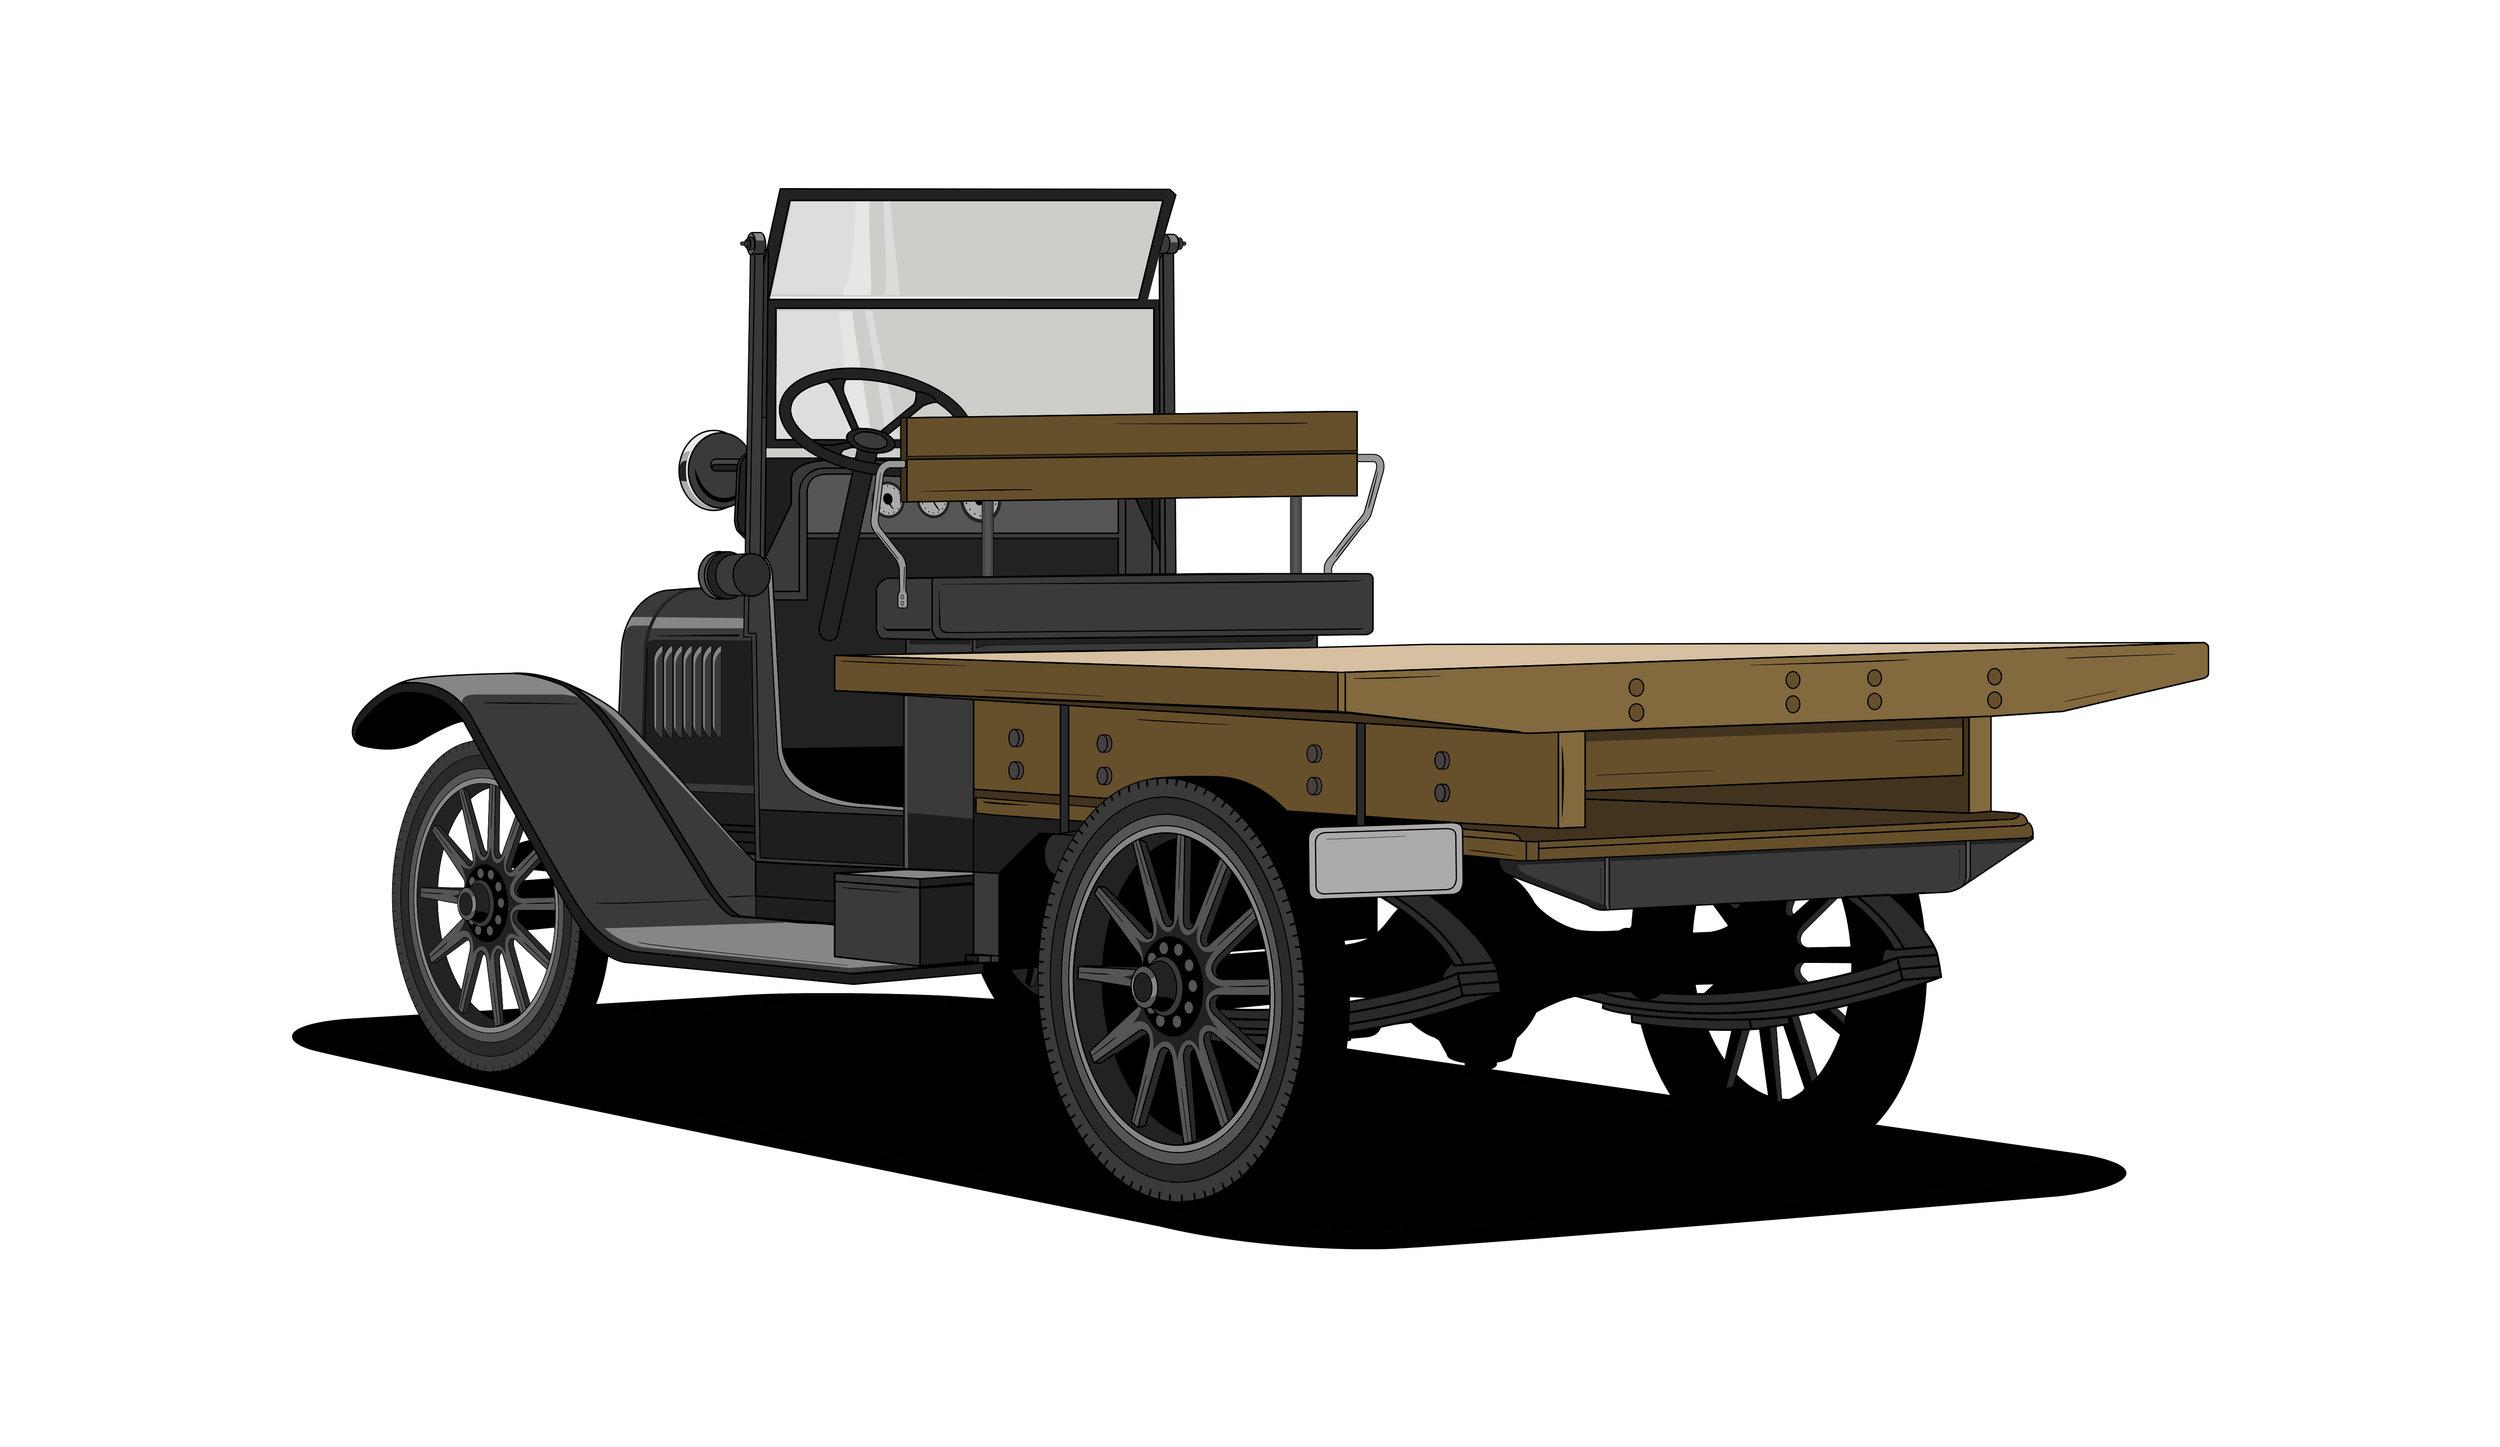 Iconic-Chevy Trucks-02.jpg